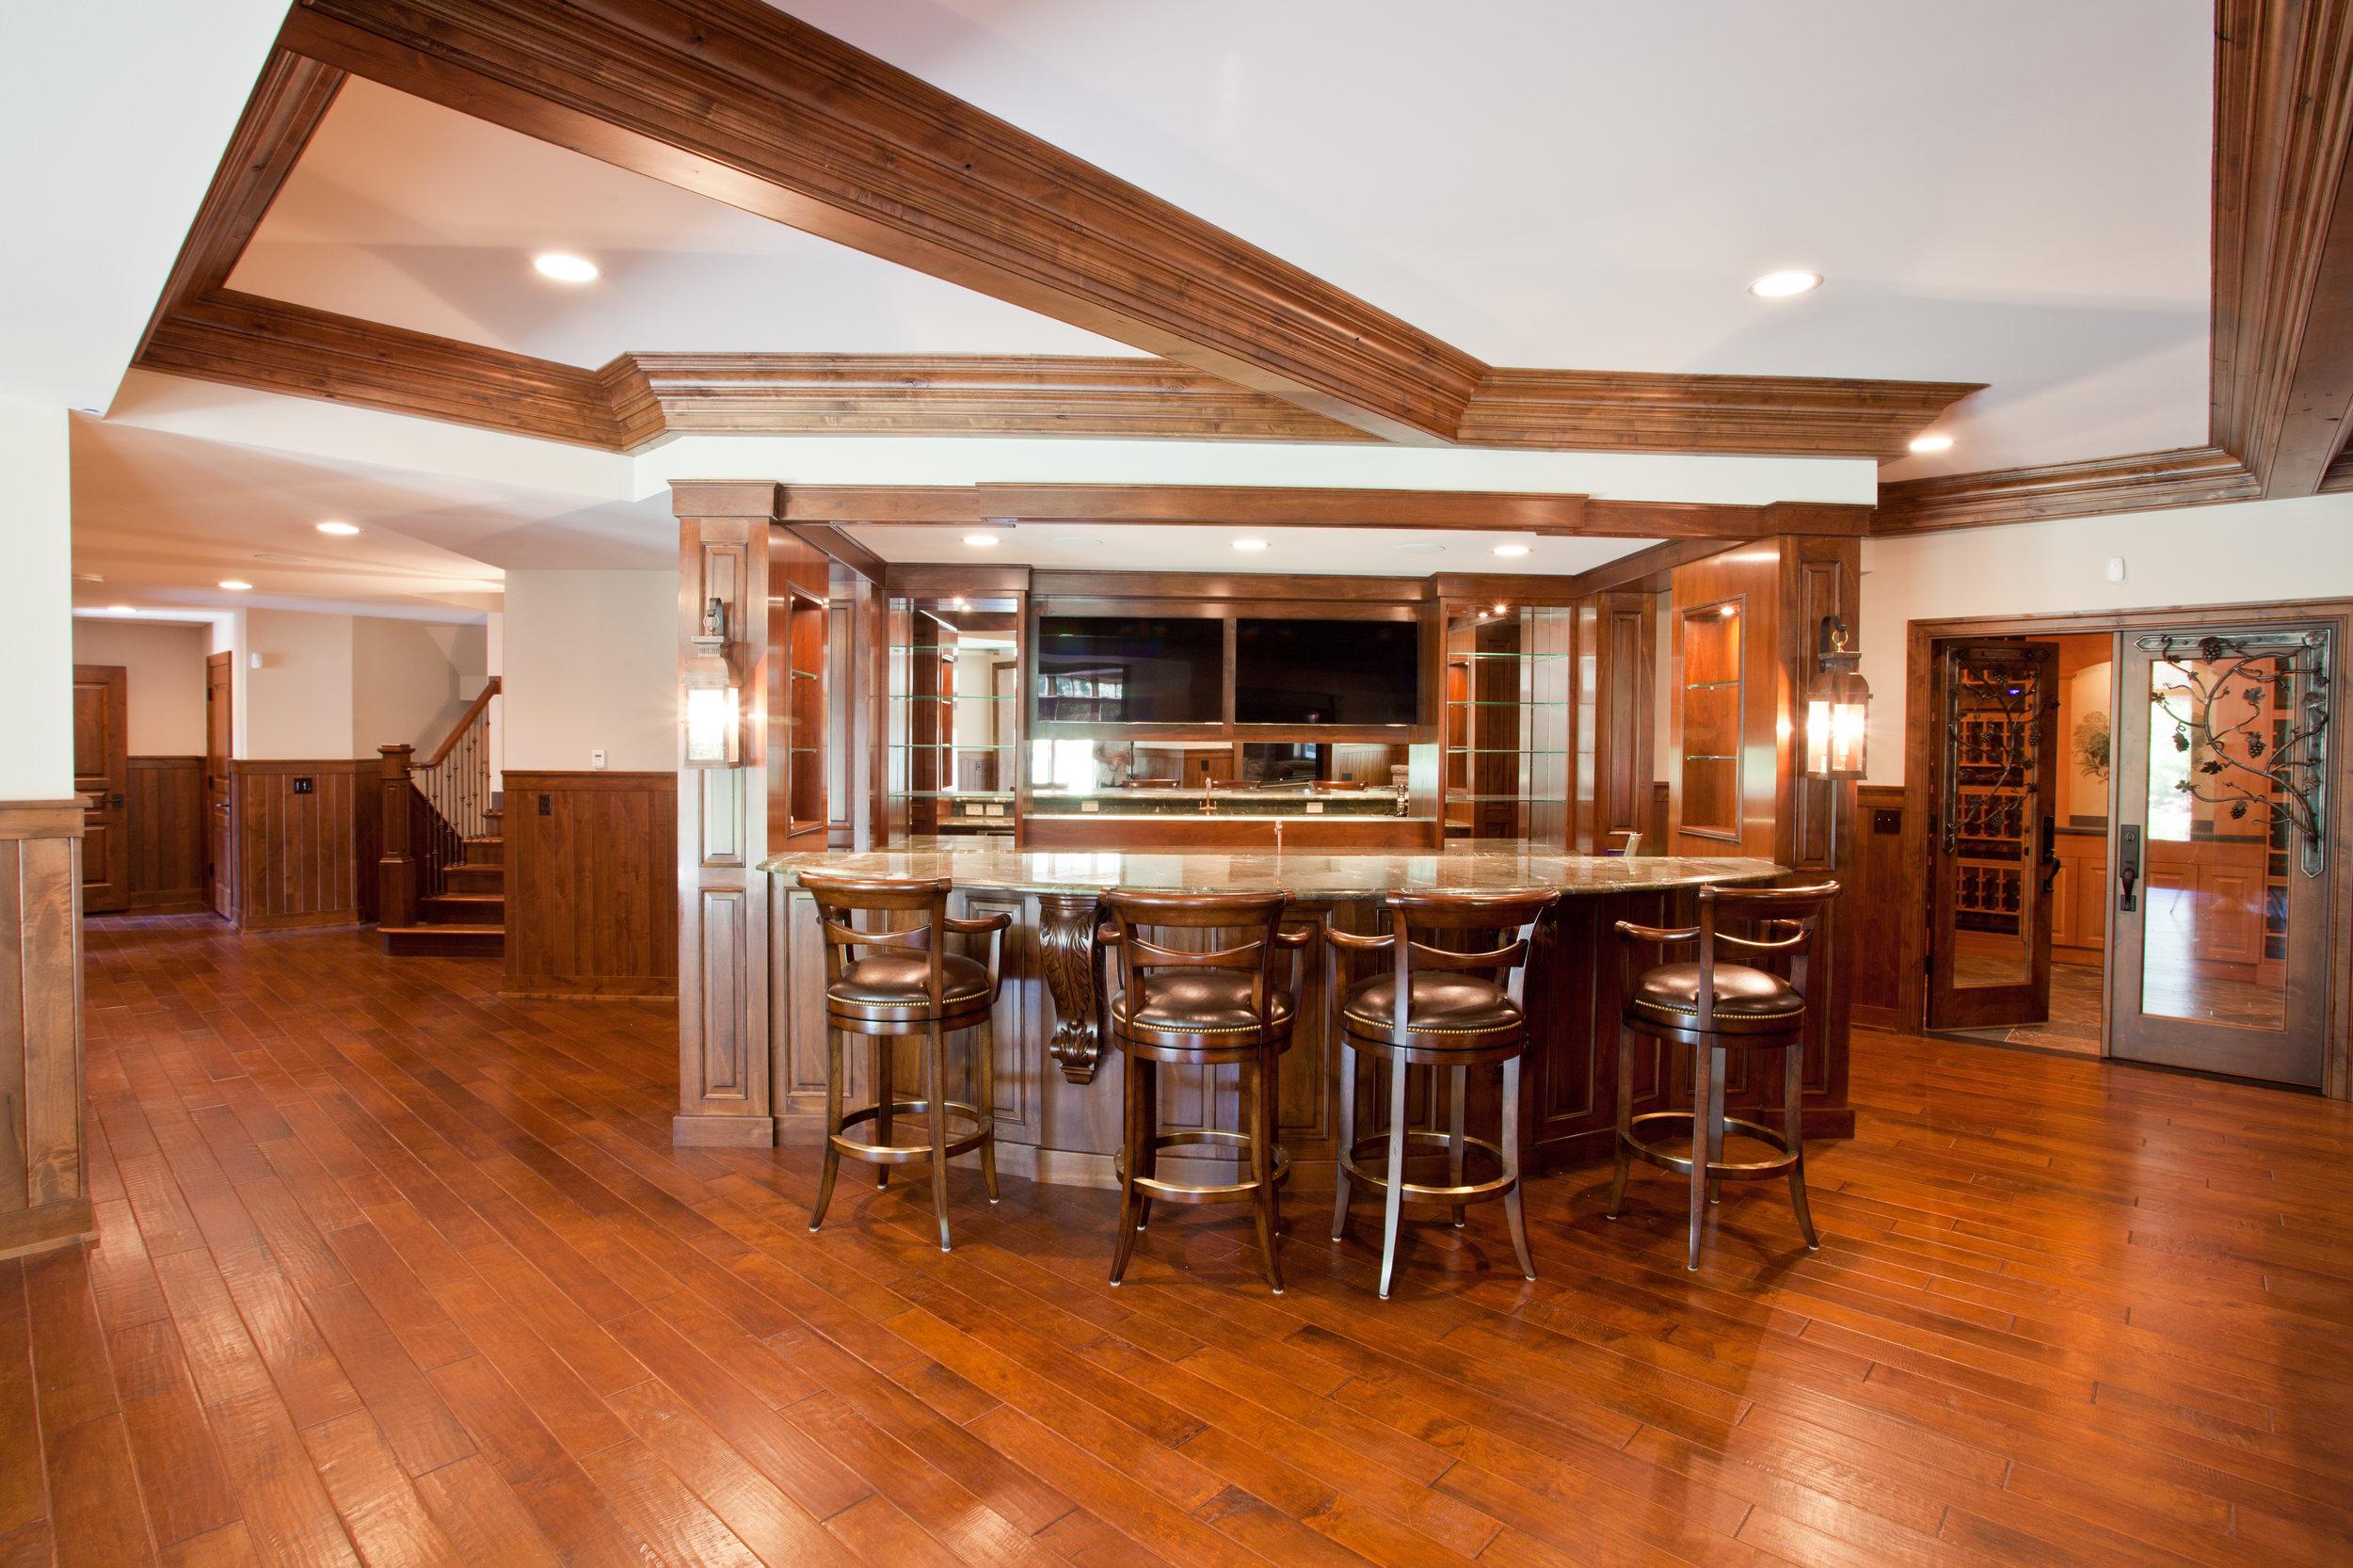 Hill-basement Bar.JPG